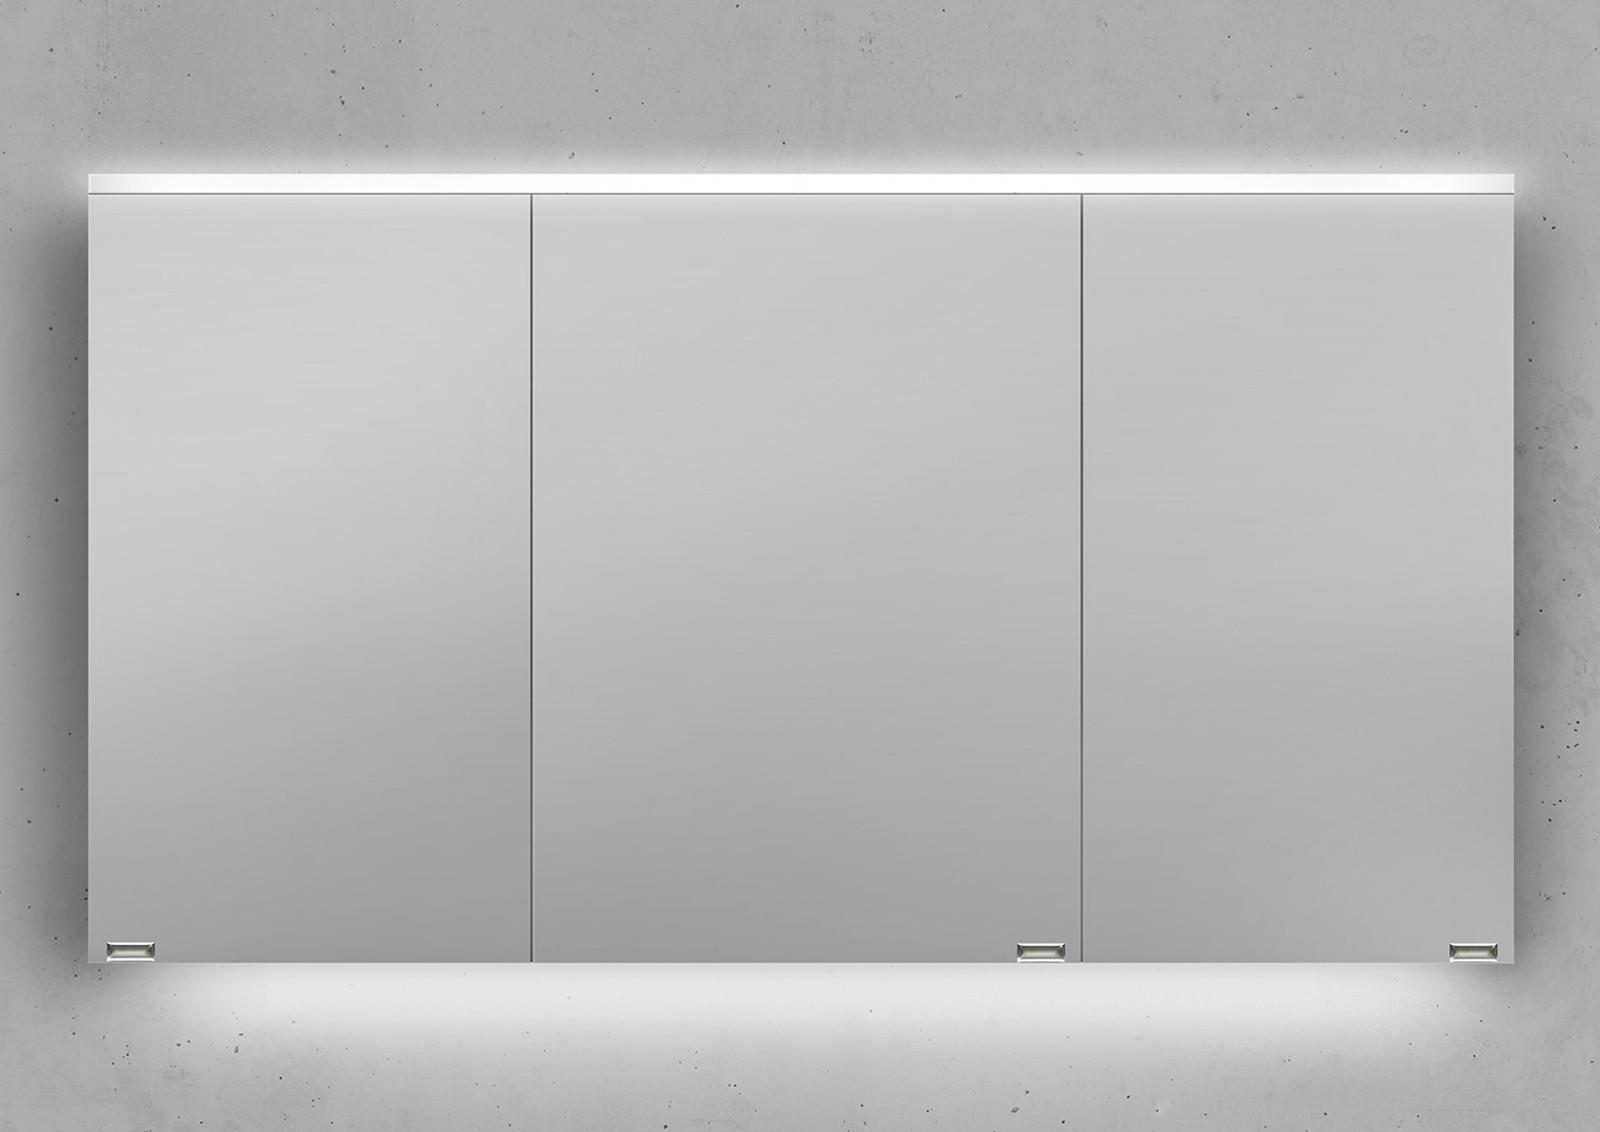 spiegelschrank 130 cm integrierte led beleuchtung doppelt verspiegelt. Black Bedroom Furniture Sets. Home Design Ideas